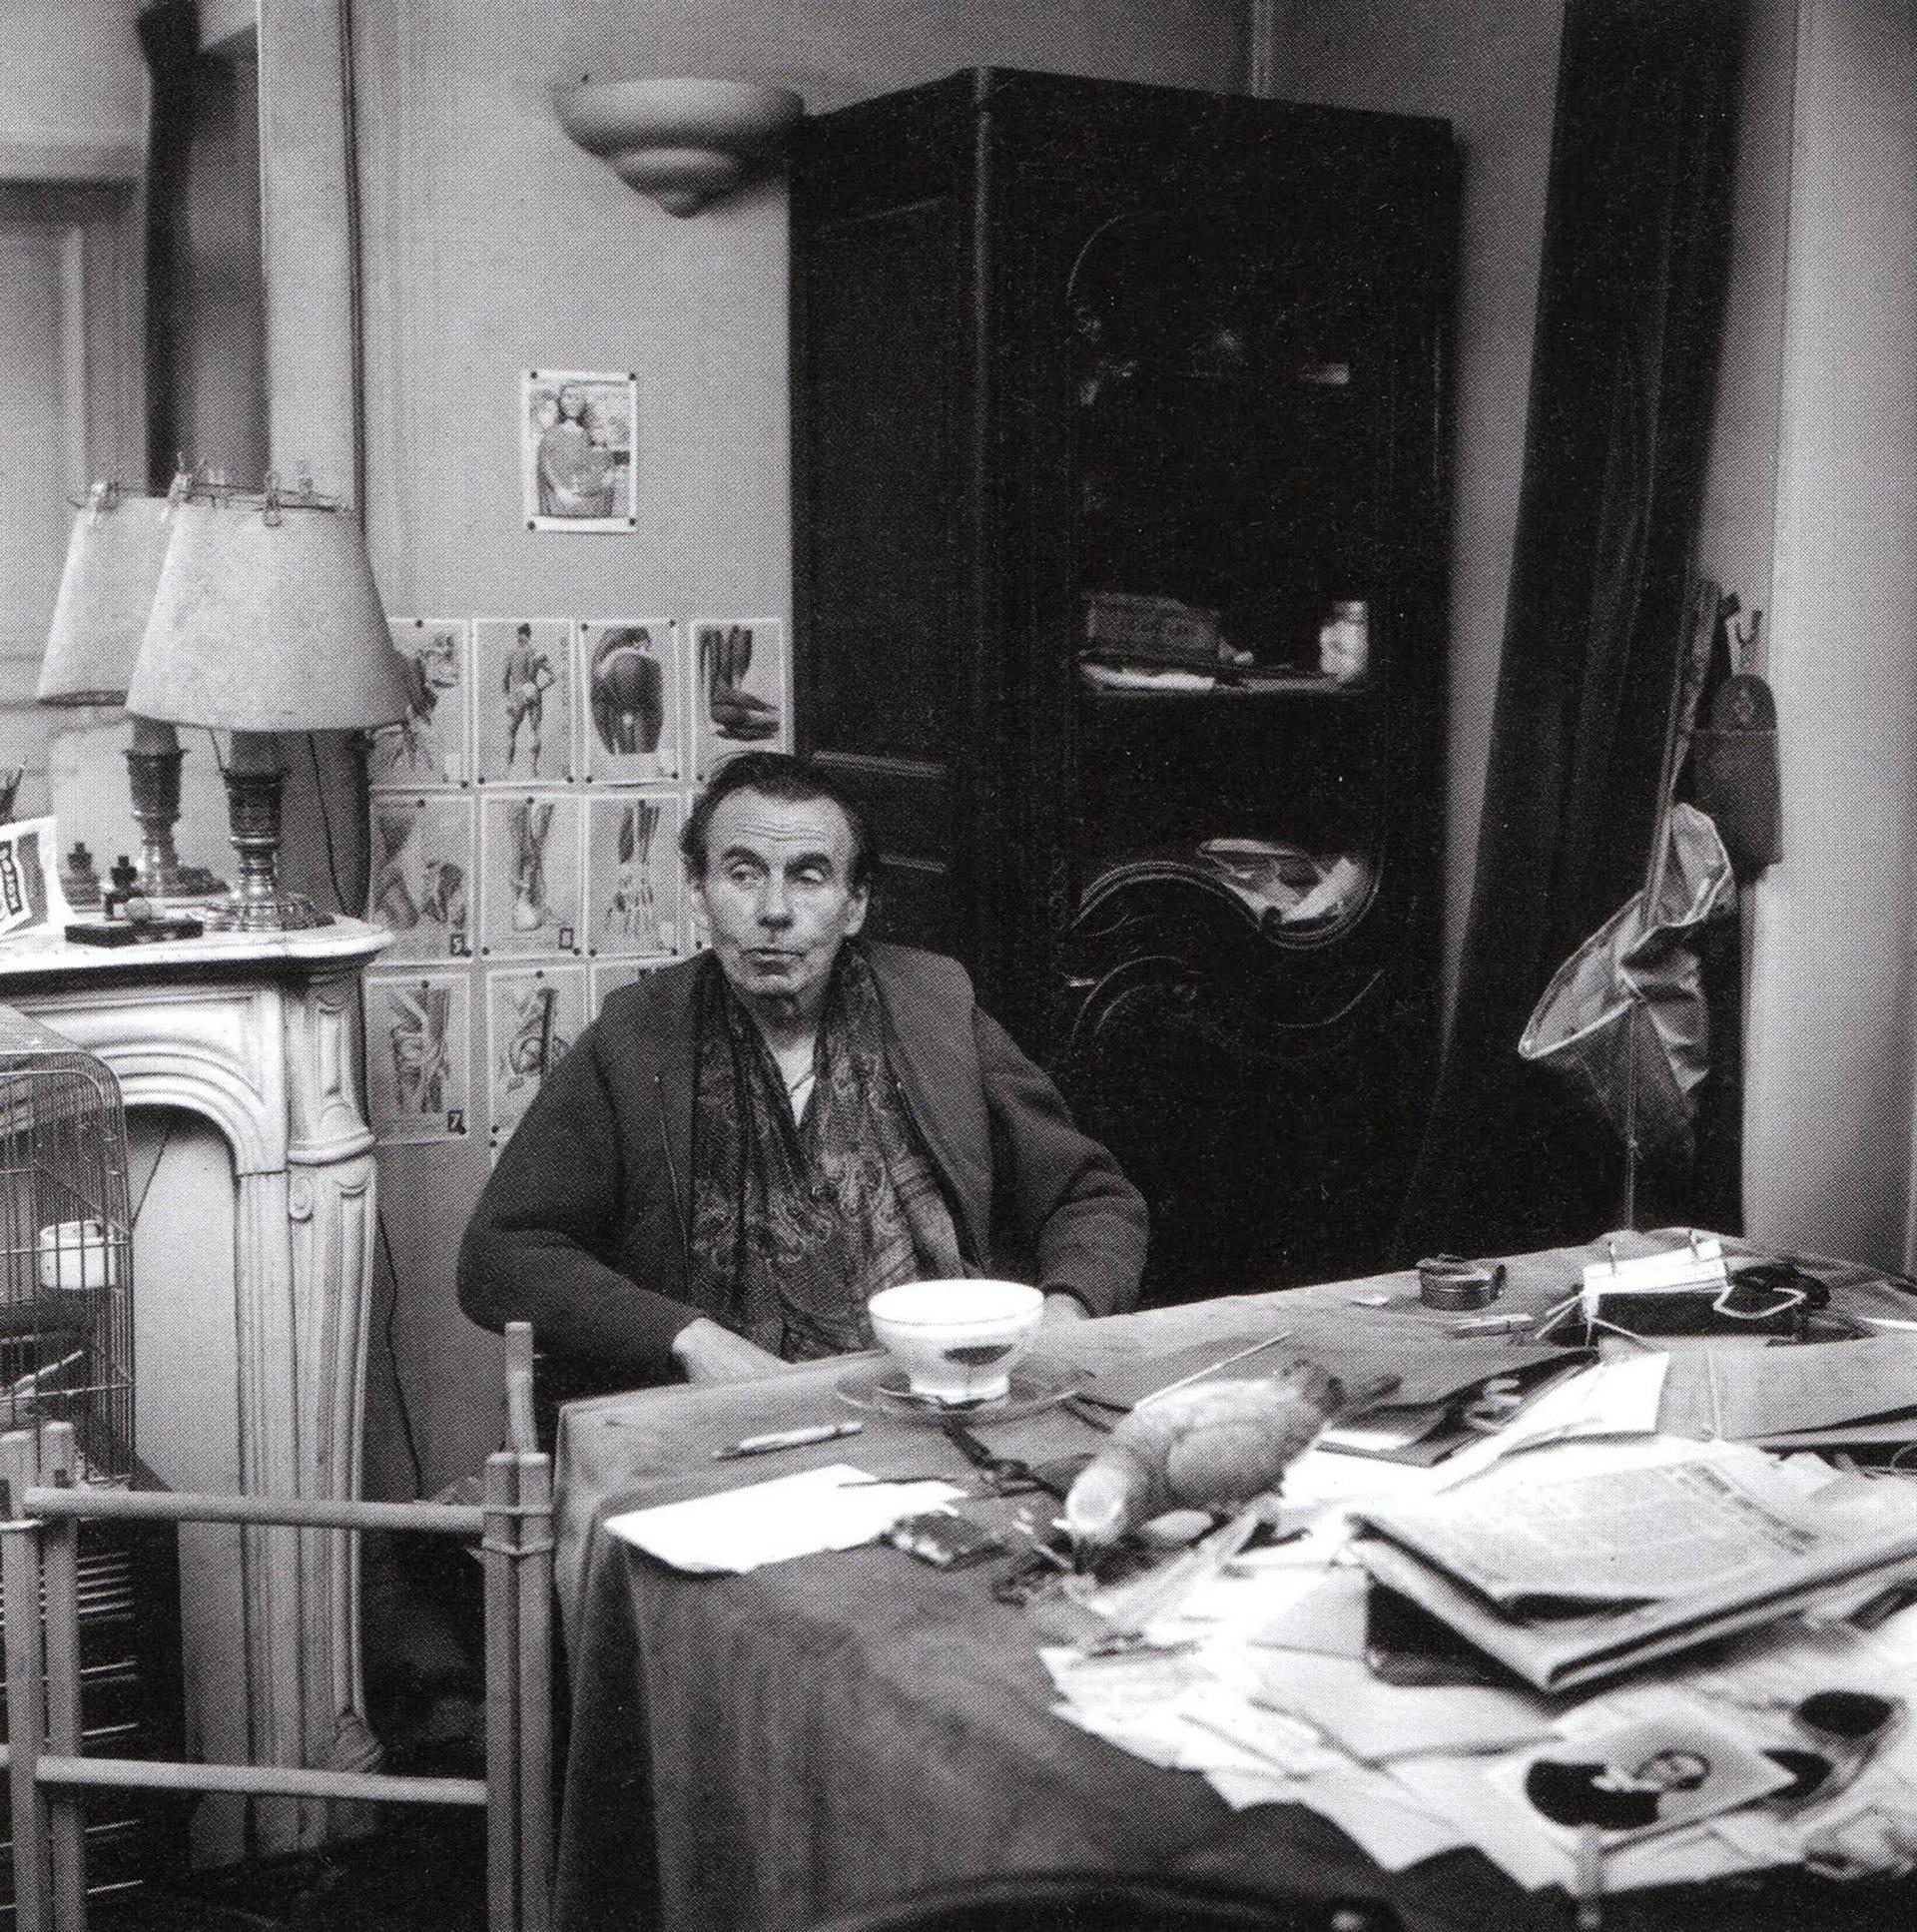 Céline nació en 1894 y murió en 1961